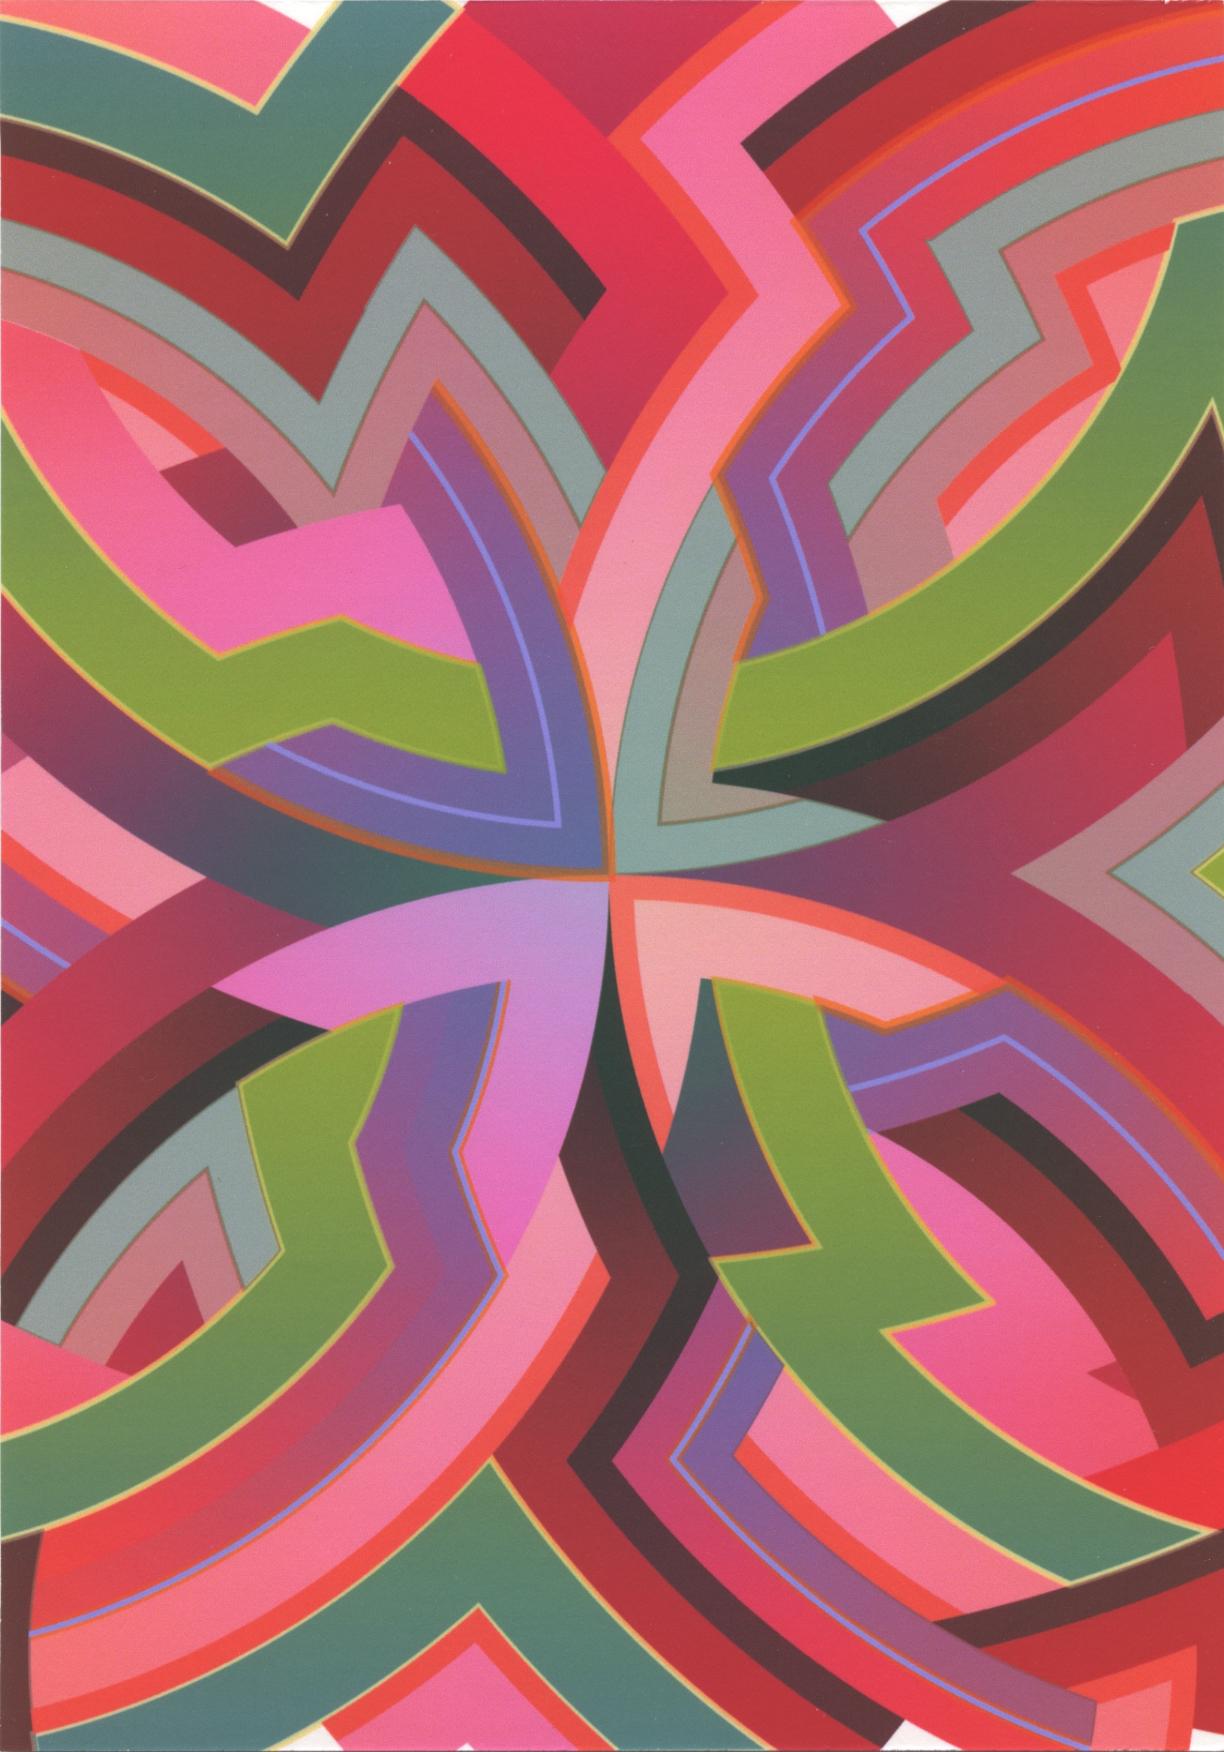 Lot 580 Interstella / WIP - Pigment Print on Card